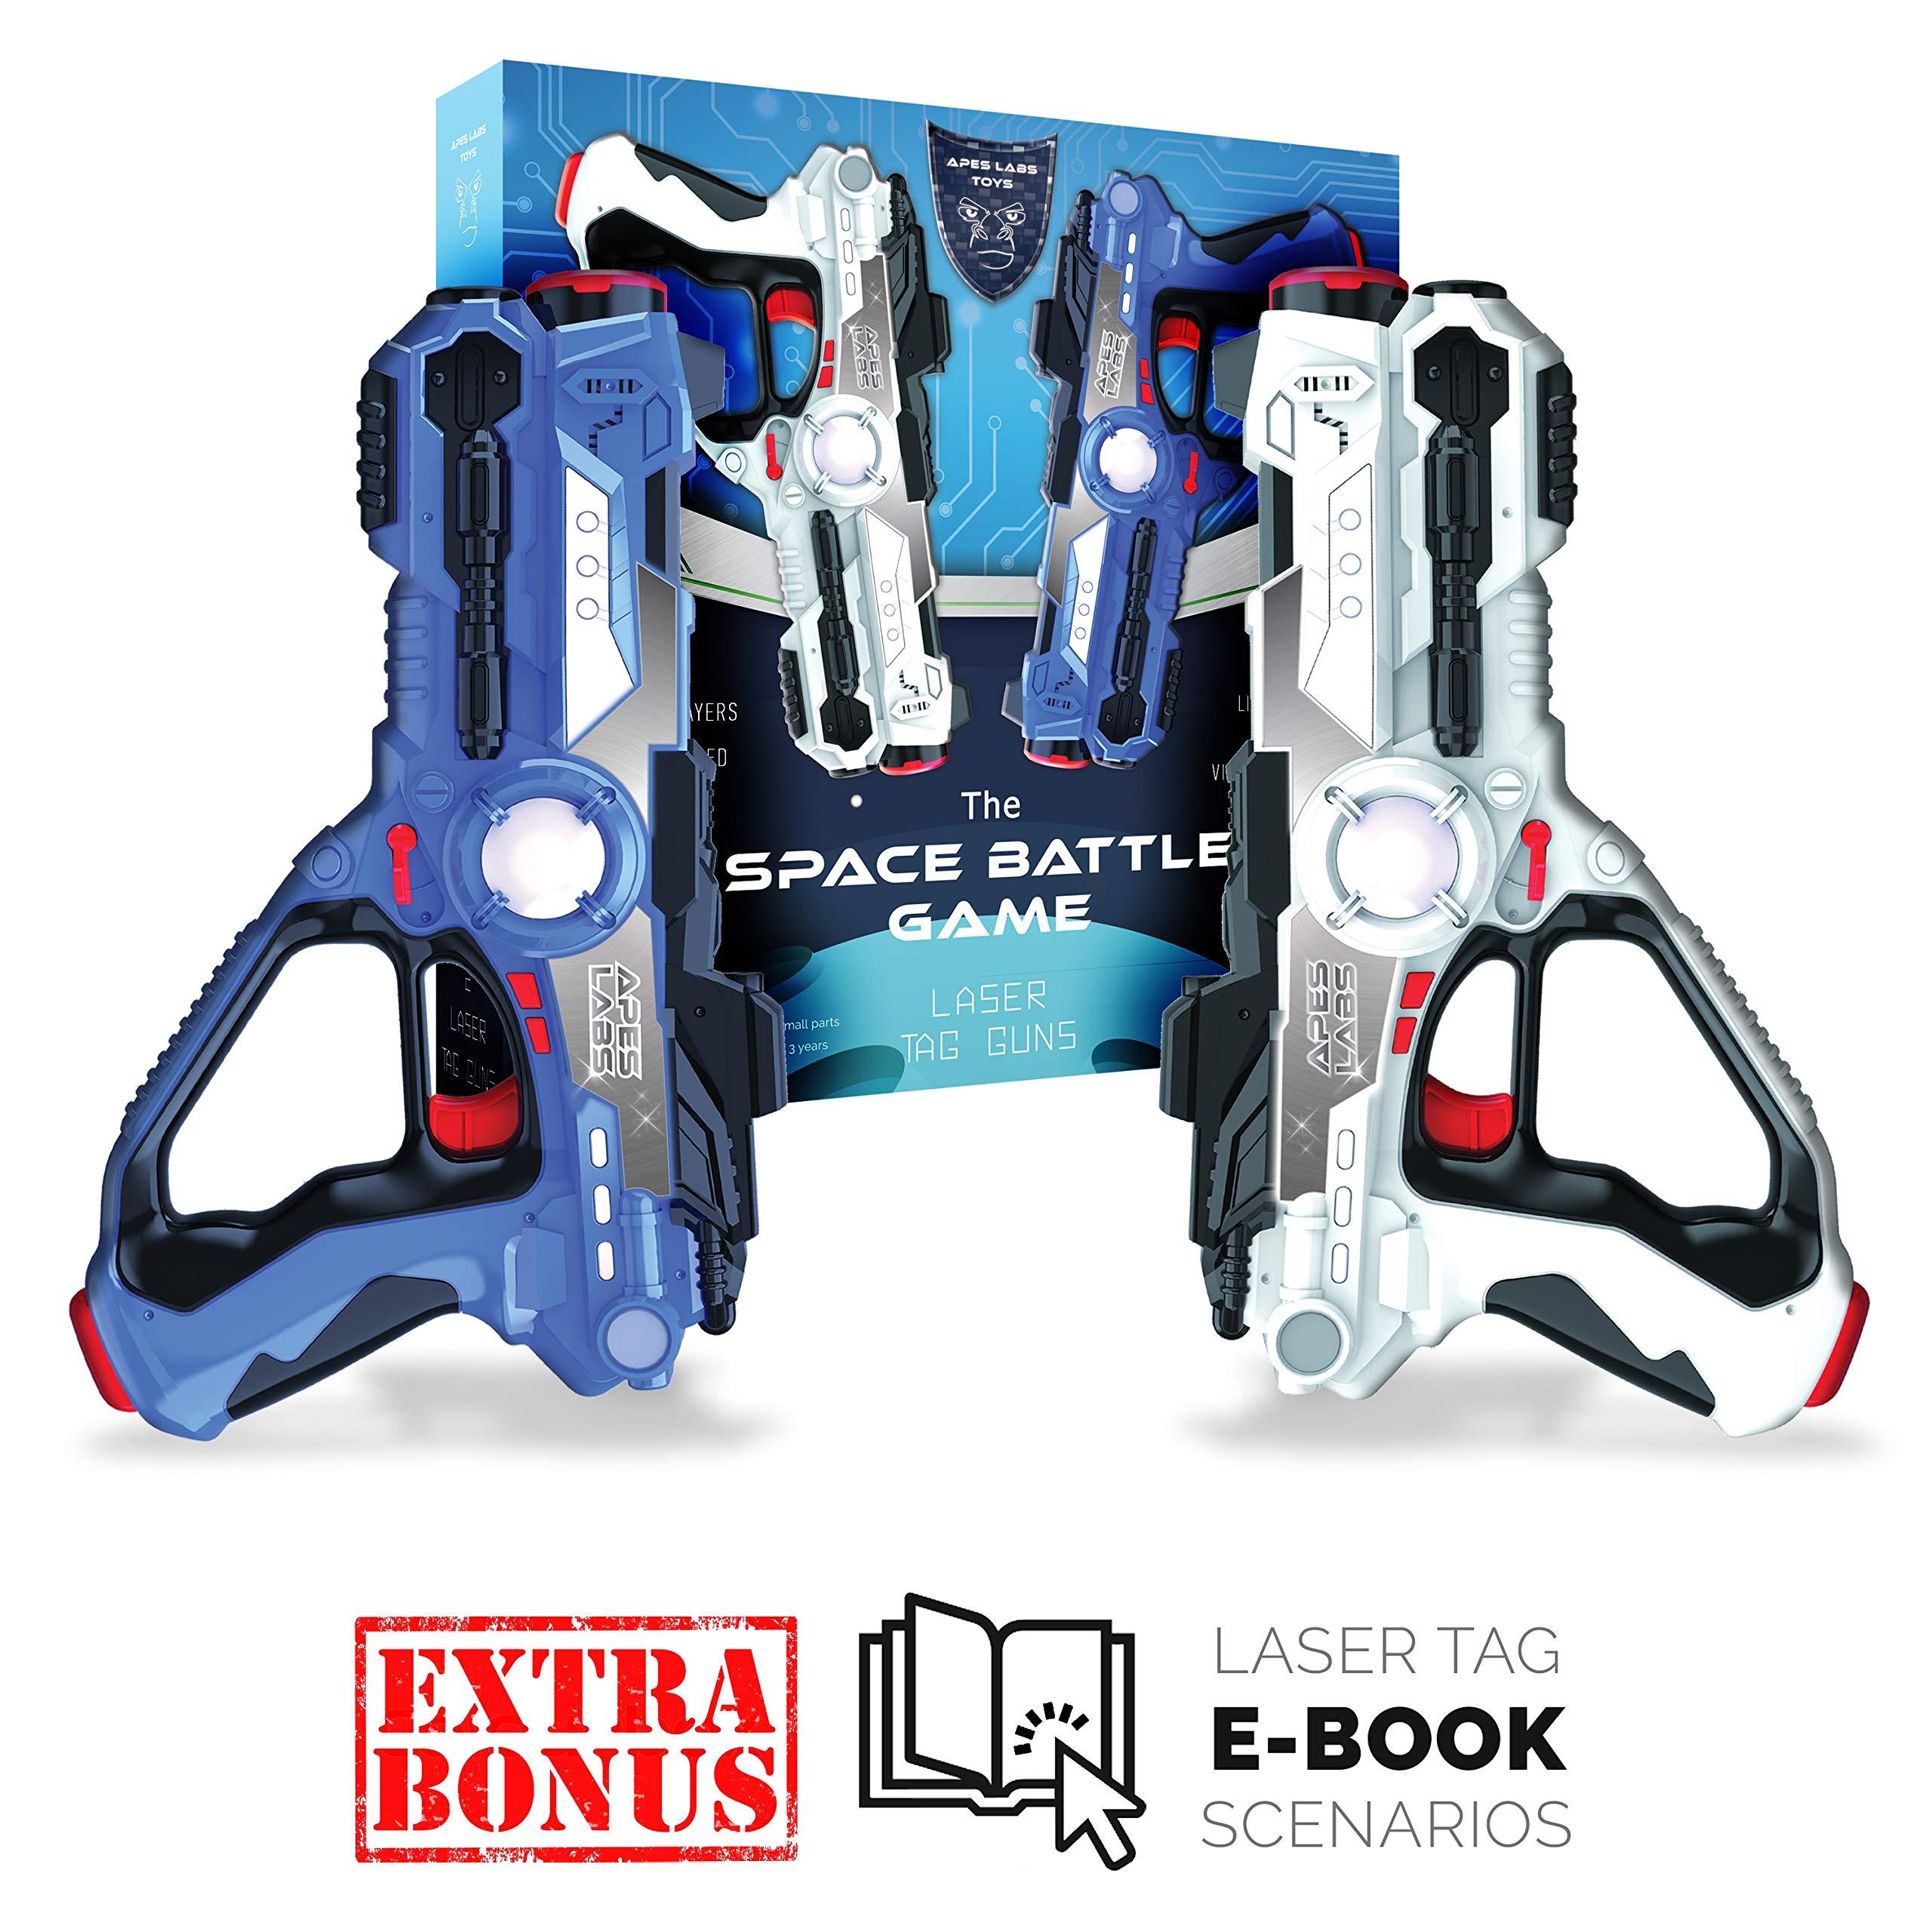 Toy Laser Tag Guns for Kids - Multiplayer Lazer Tag Gun Set - Infrared Laser Gun Set of 2 - Top-rated Space Battle Game w/ Premium Gift Box - Interactive Laser Guns Yard Games + BONUS E-BOOK Scenarios